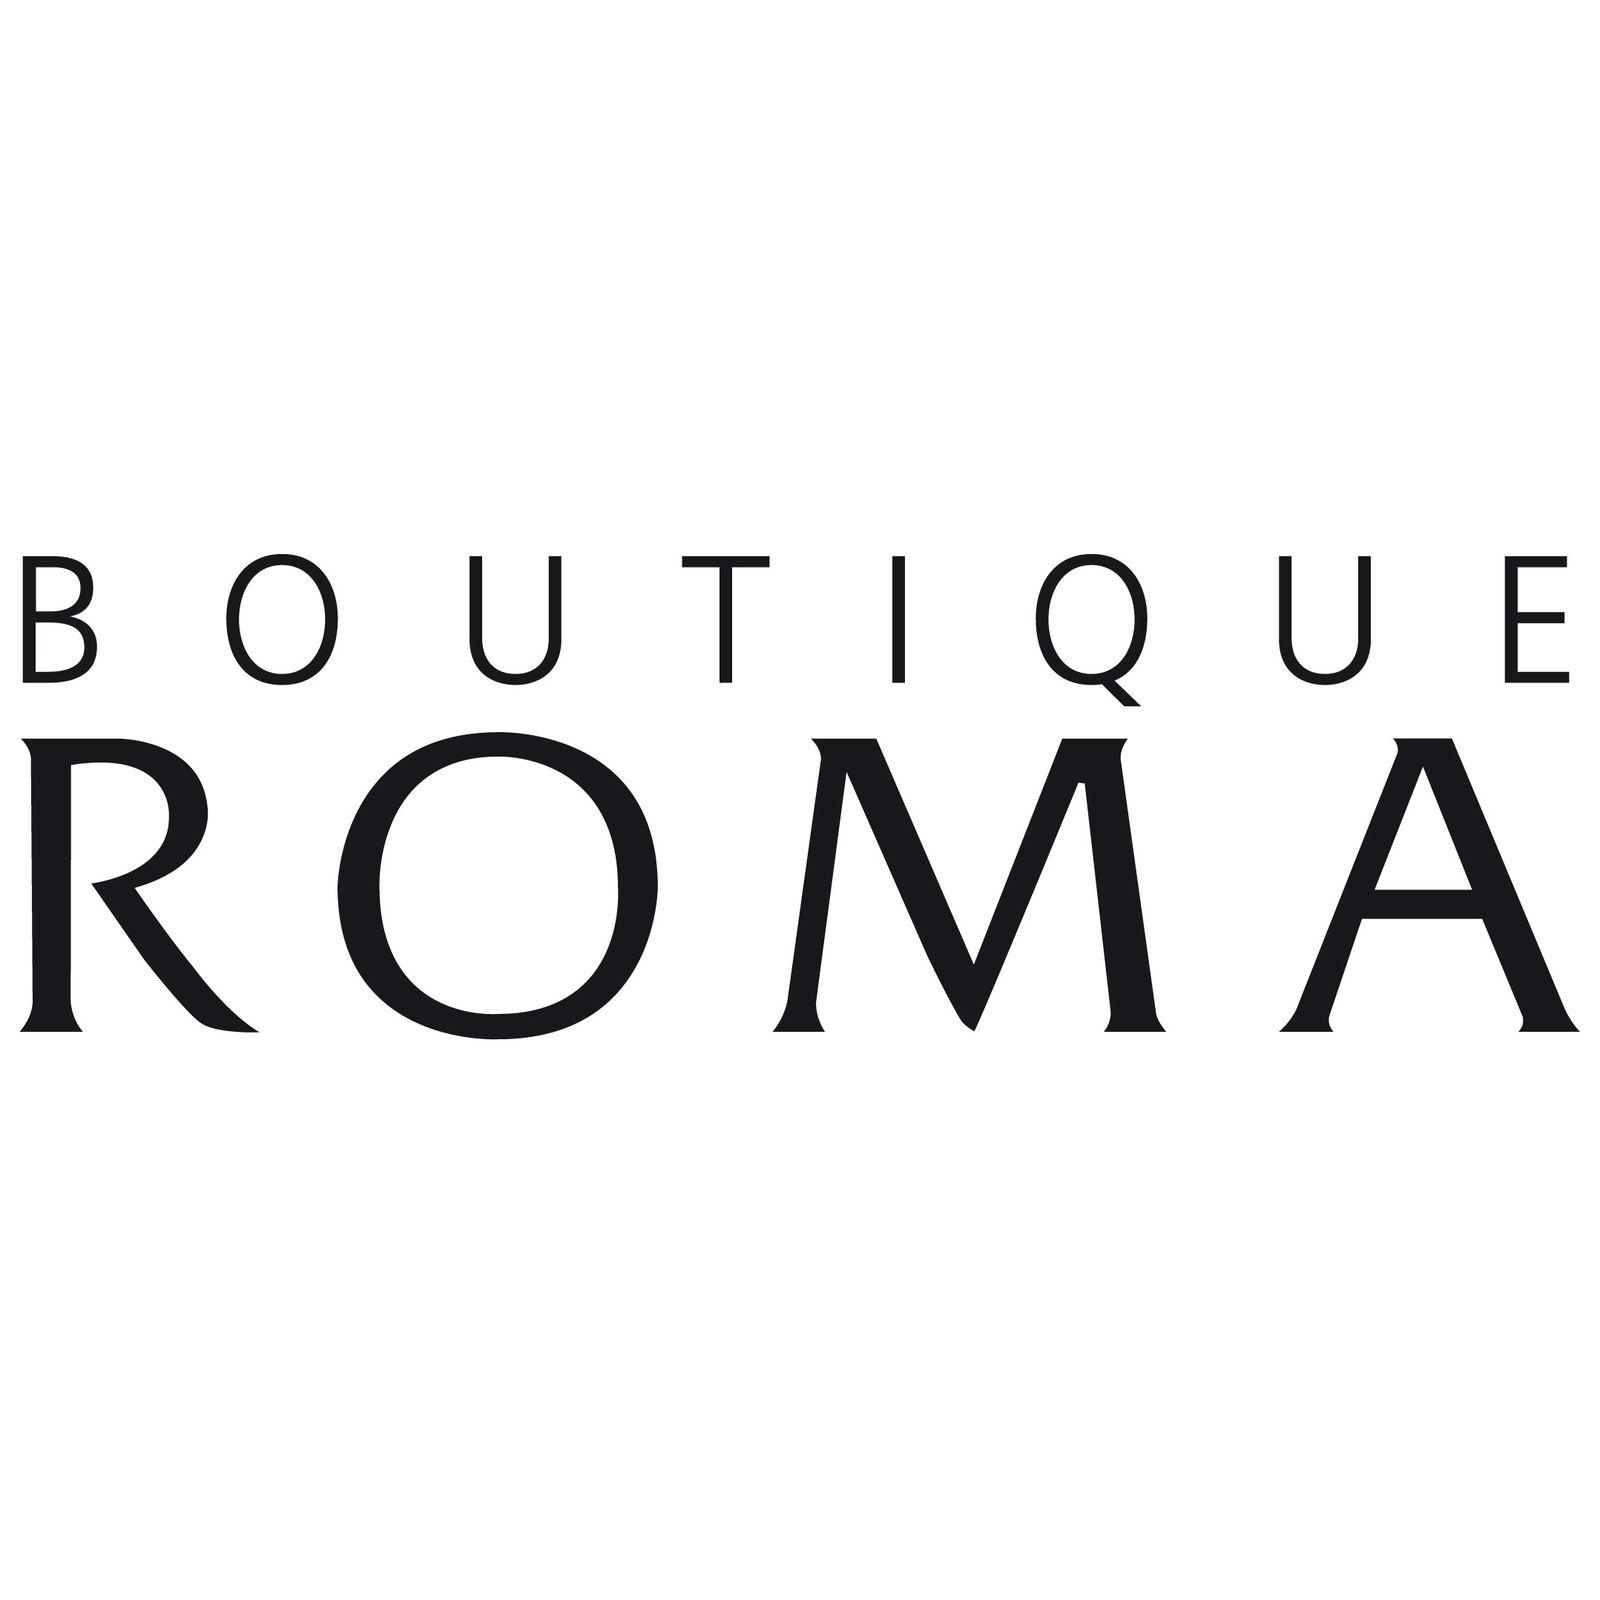 Boutique Roma a Zurigo (Image 1)